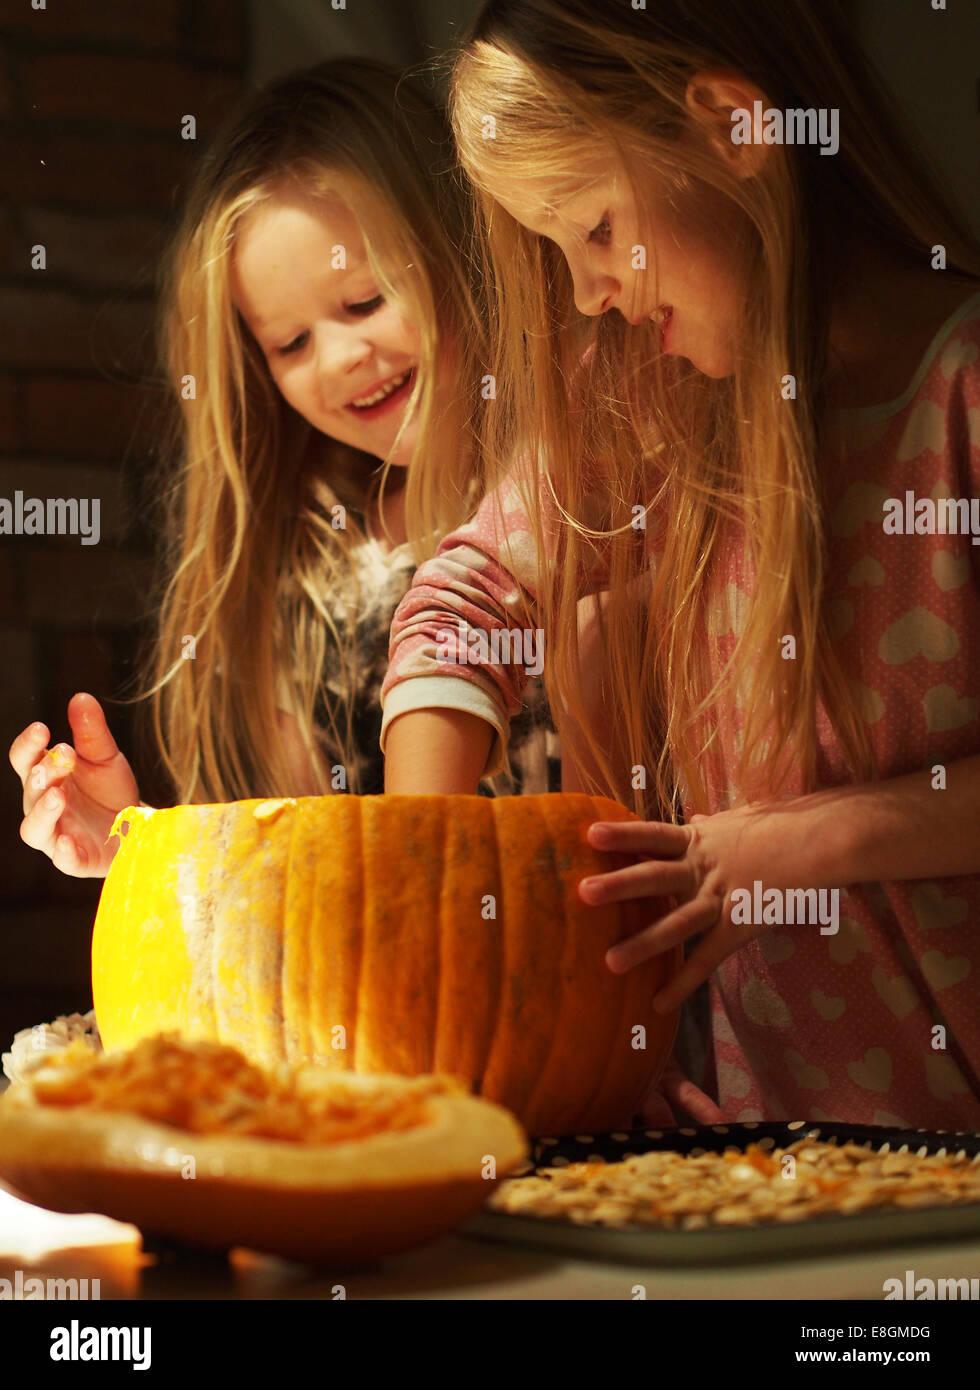 La Svezia, ragazze preparare (6-7), (8-9) la zucca di Halloween Immagini Stock